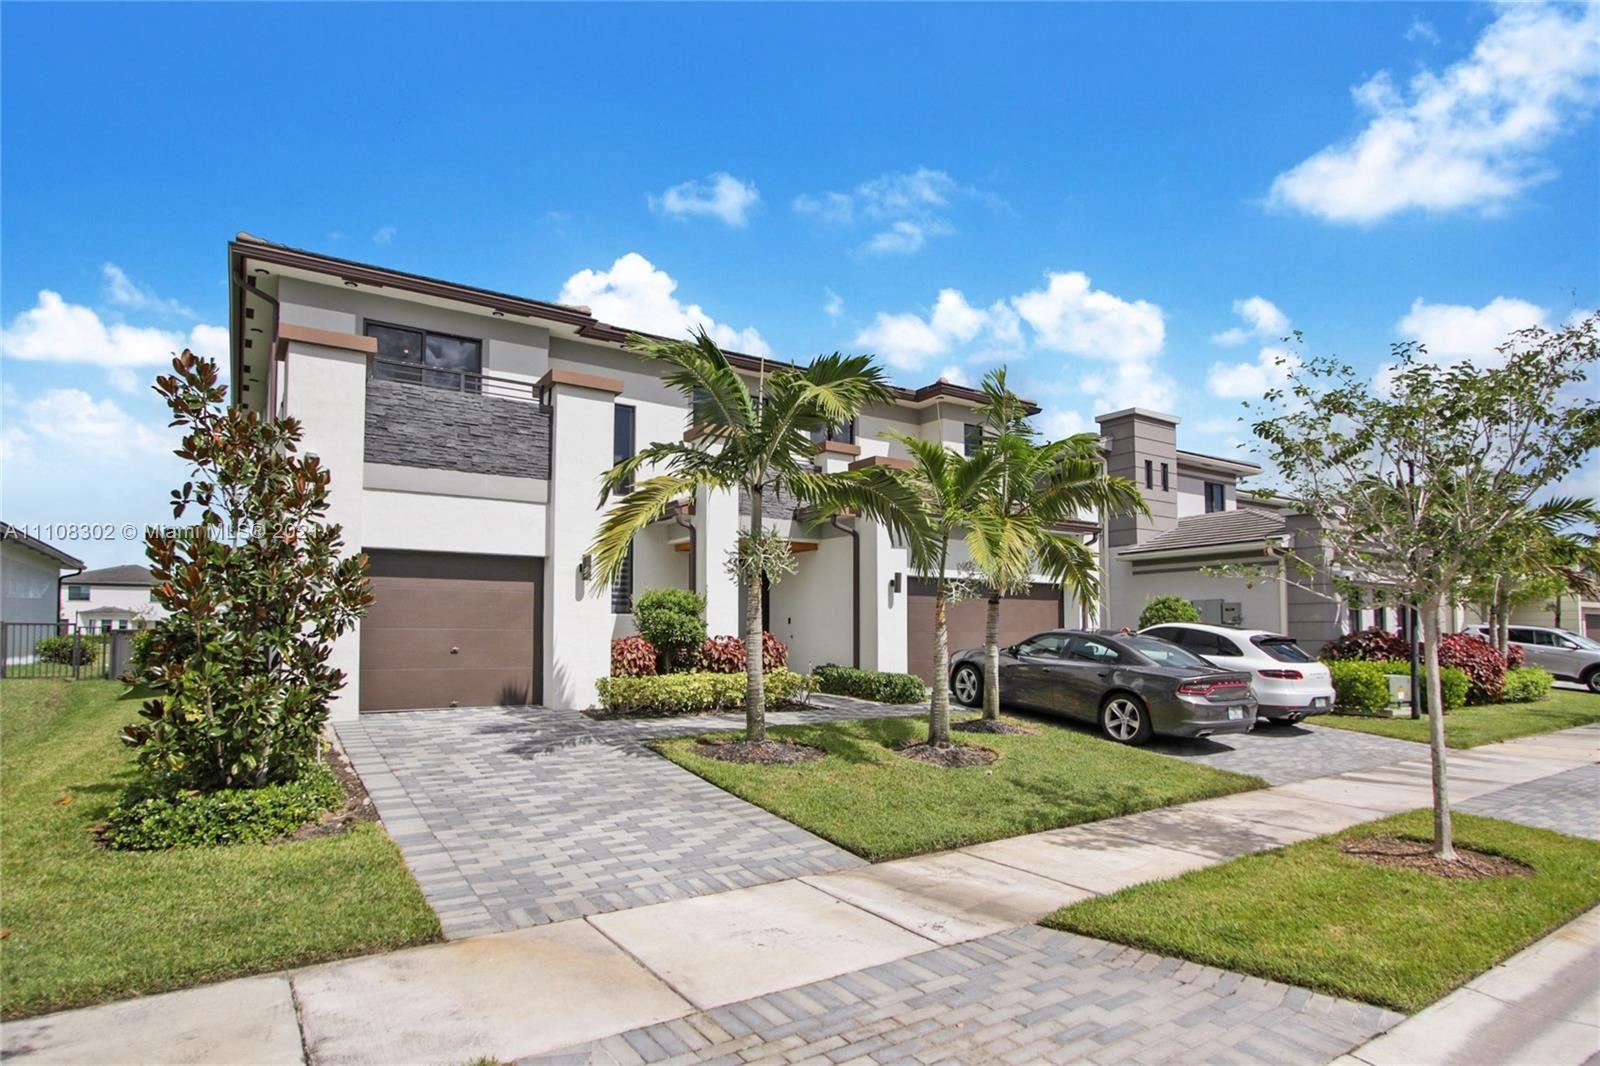 Photo of 10885 Shore St, Parkland, FL 33076 (MLS # A11108302)